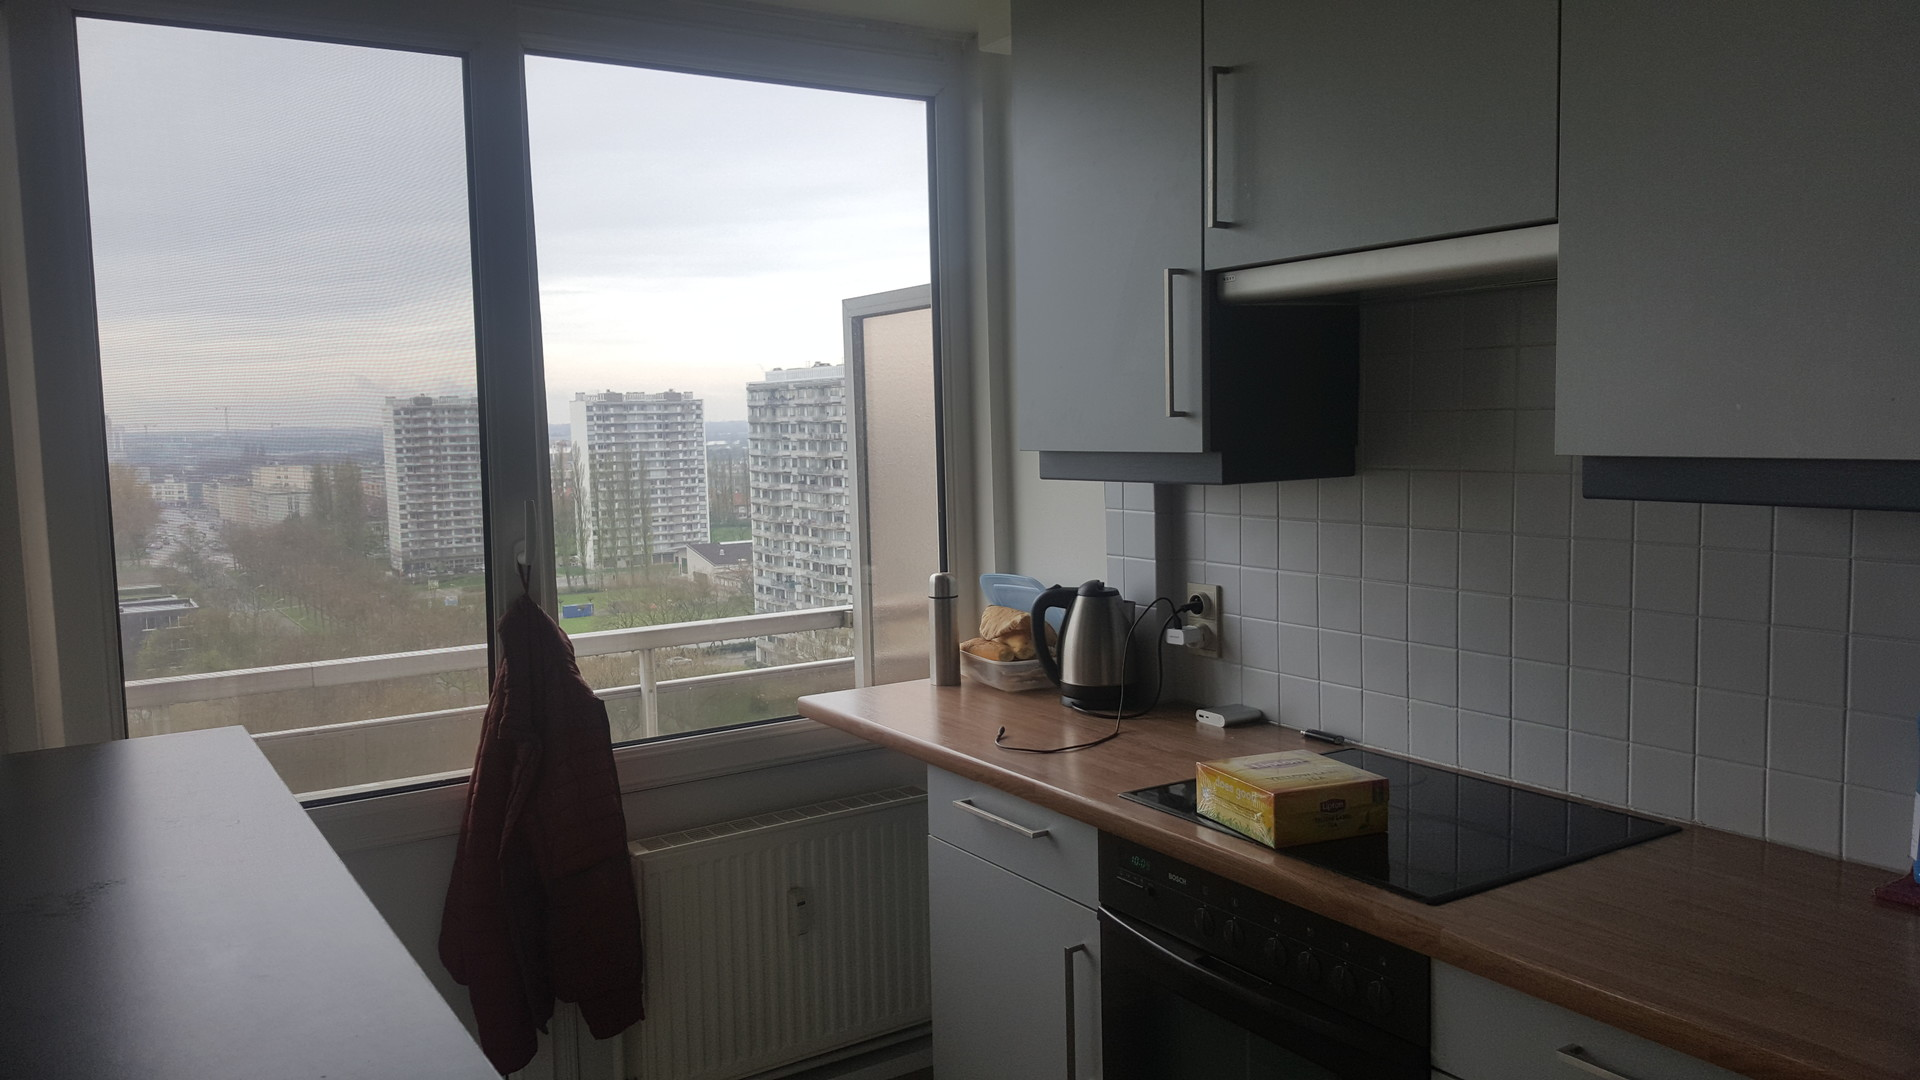 one-student-room-good-appartment-c9bdef9dca5491474d1ba9433eec5863